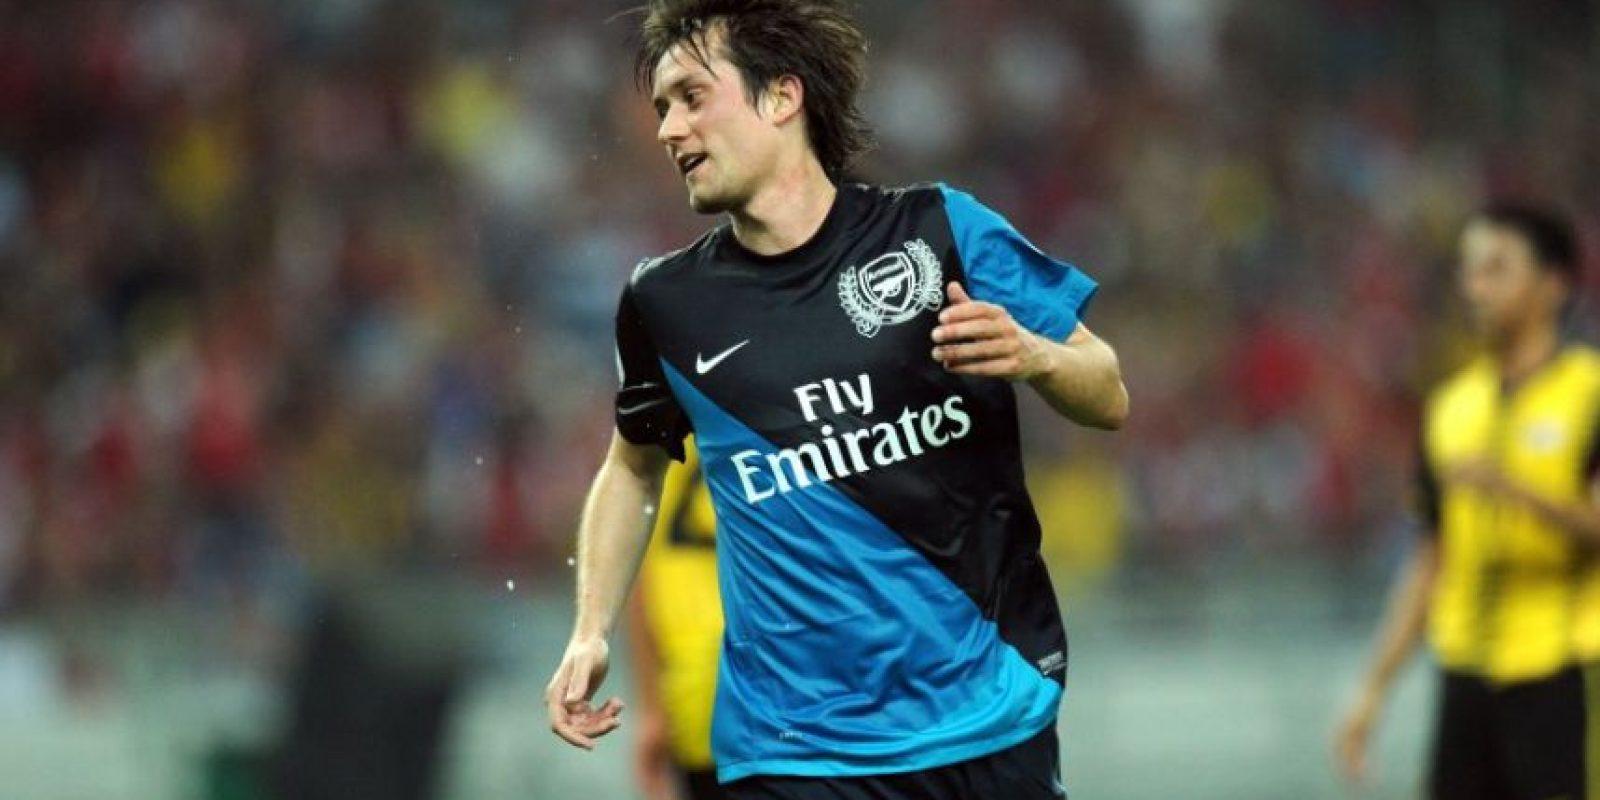 Tomas Rosicky: Luego de diez temporadas en Arsenal, no renovó contrato con los ingleses y ahora busca club. el talentoso volante checo, estuvo las últimas 10 temproadas en el Arsenal. Jugó la Euro 2016 con República Checa y fue el capitán Foto:AFP